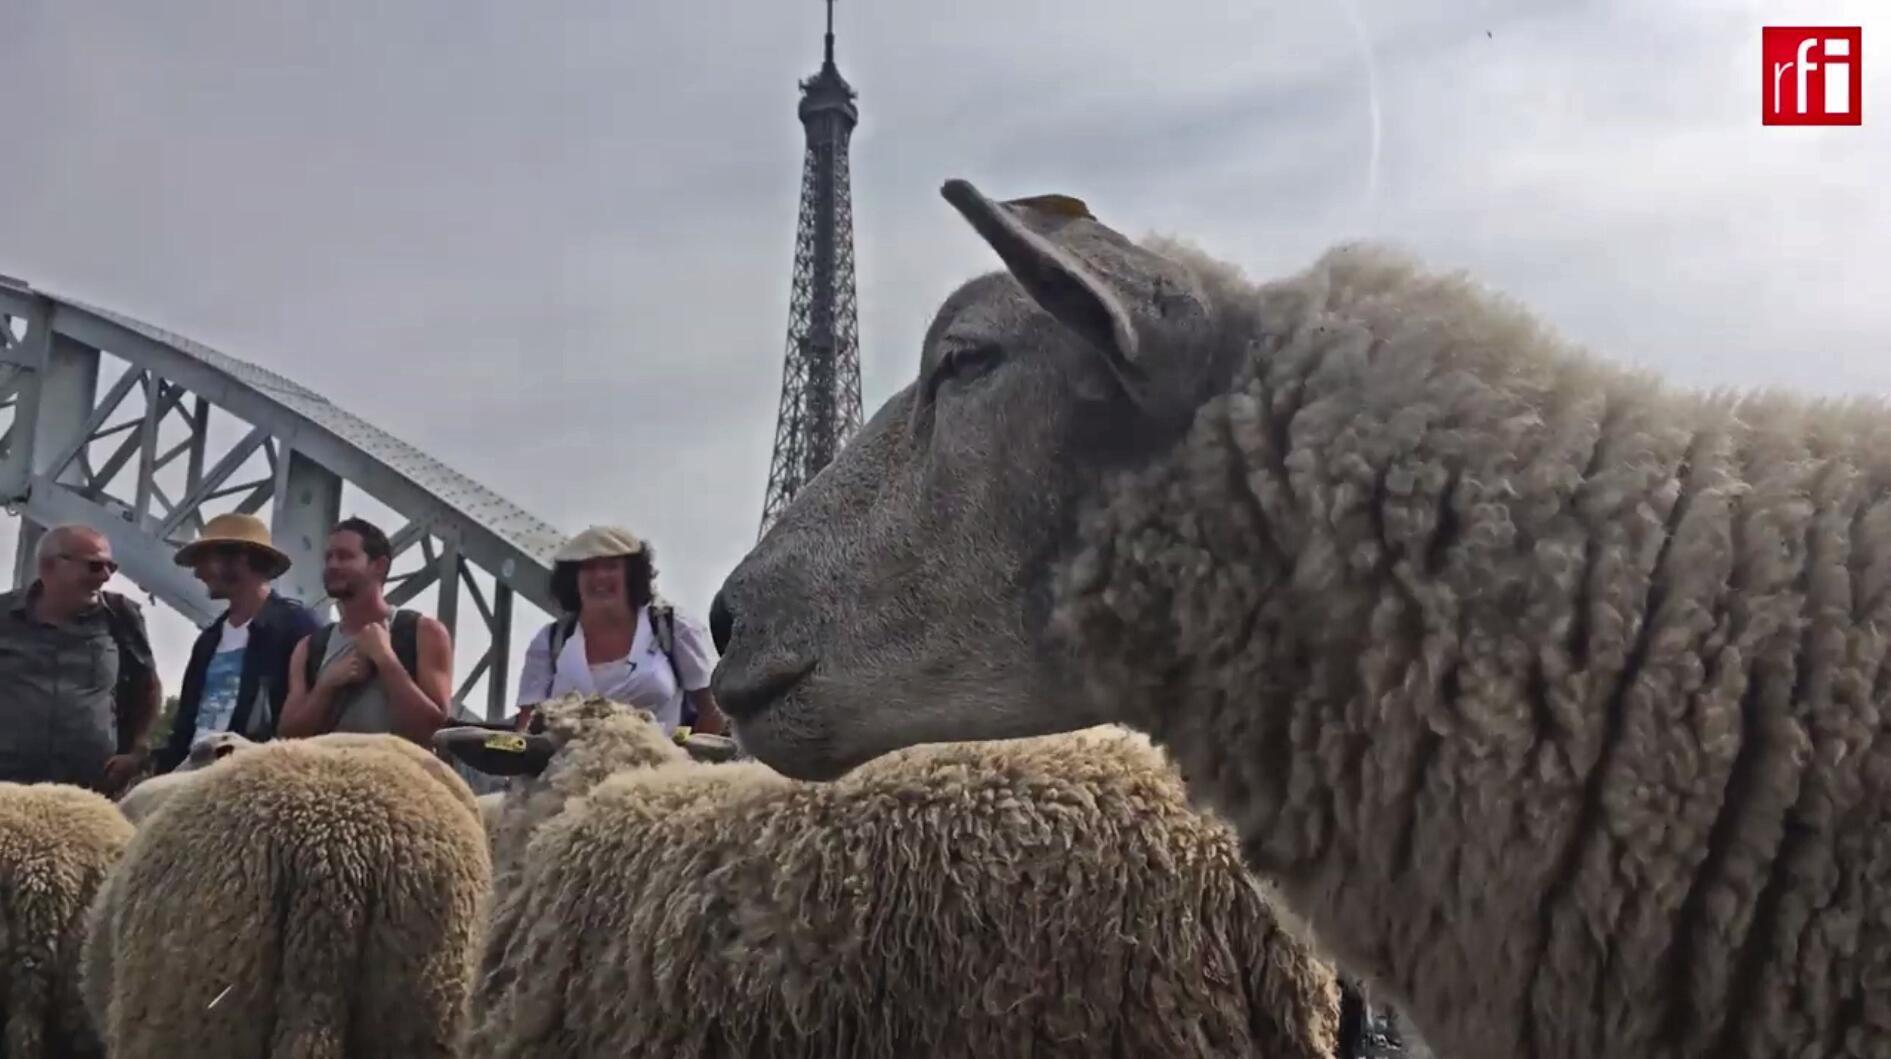 Las ovejas recorrieron 140 kilómetros alrededor de París en 10 días.